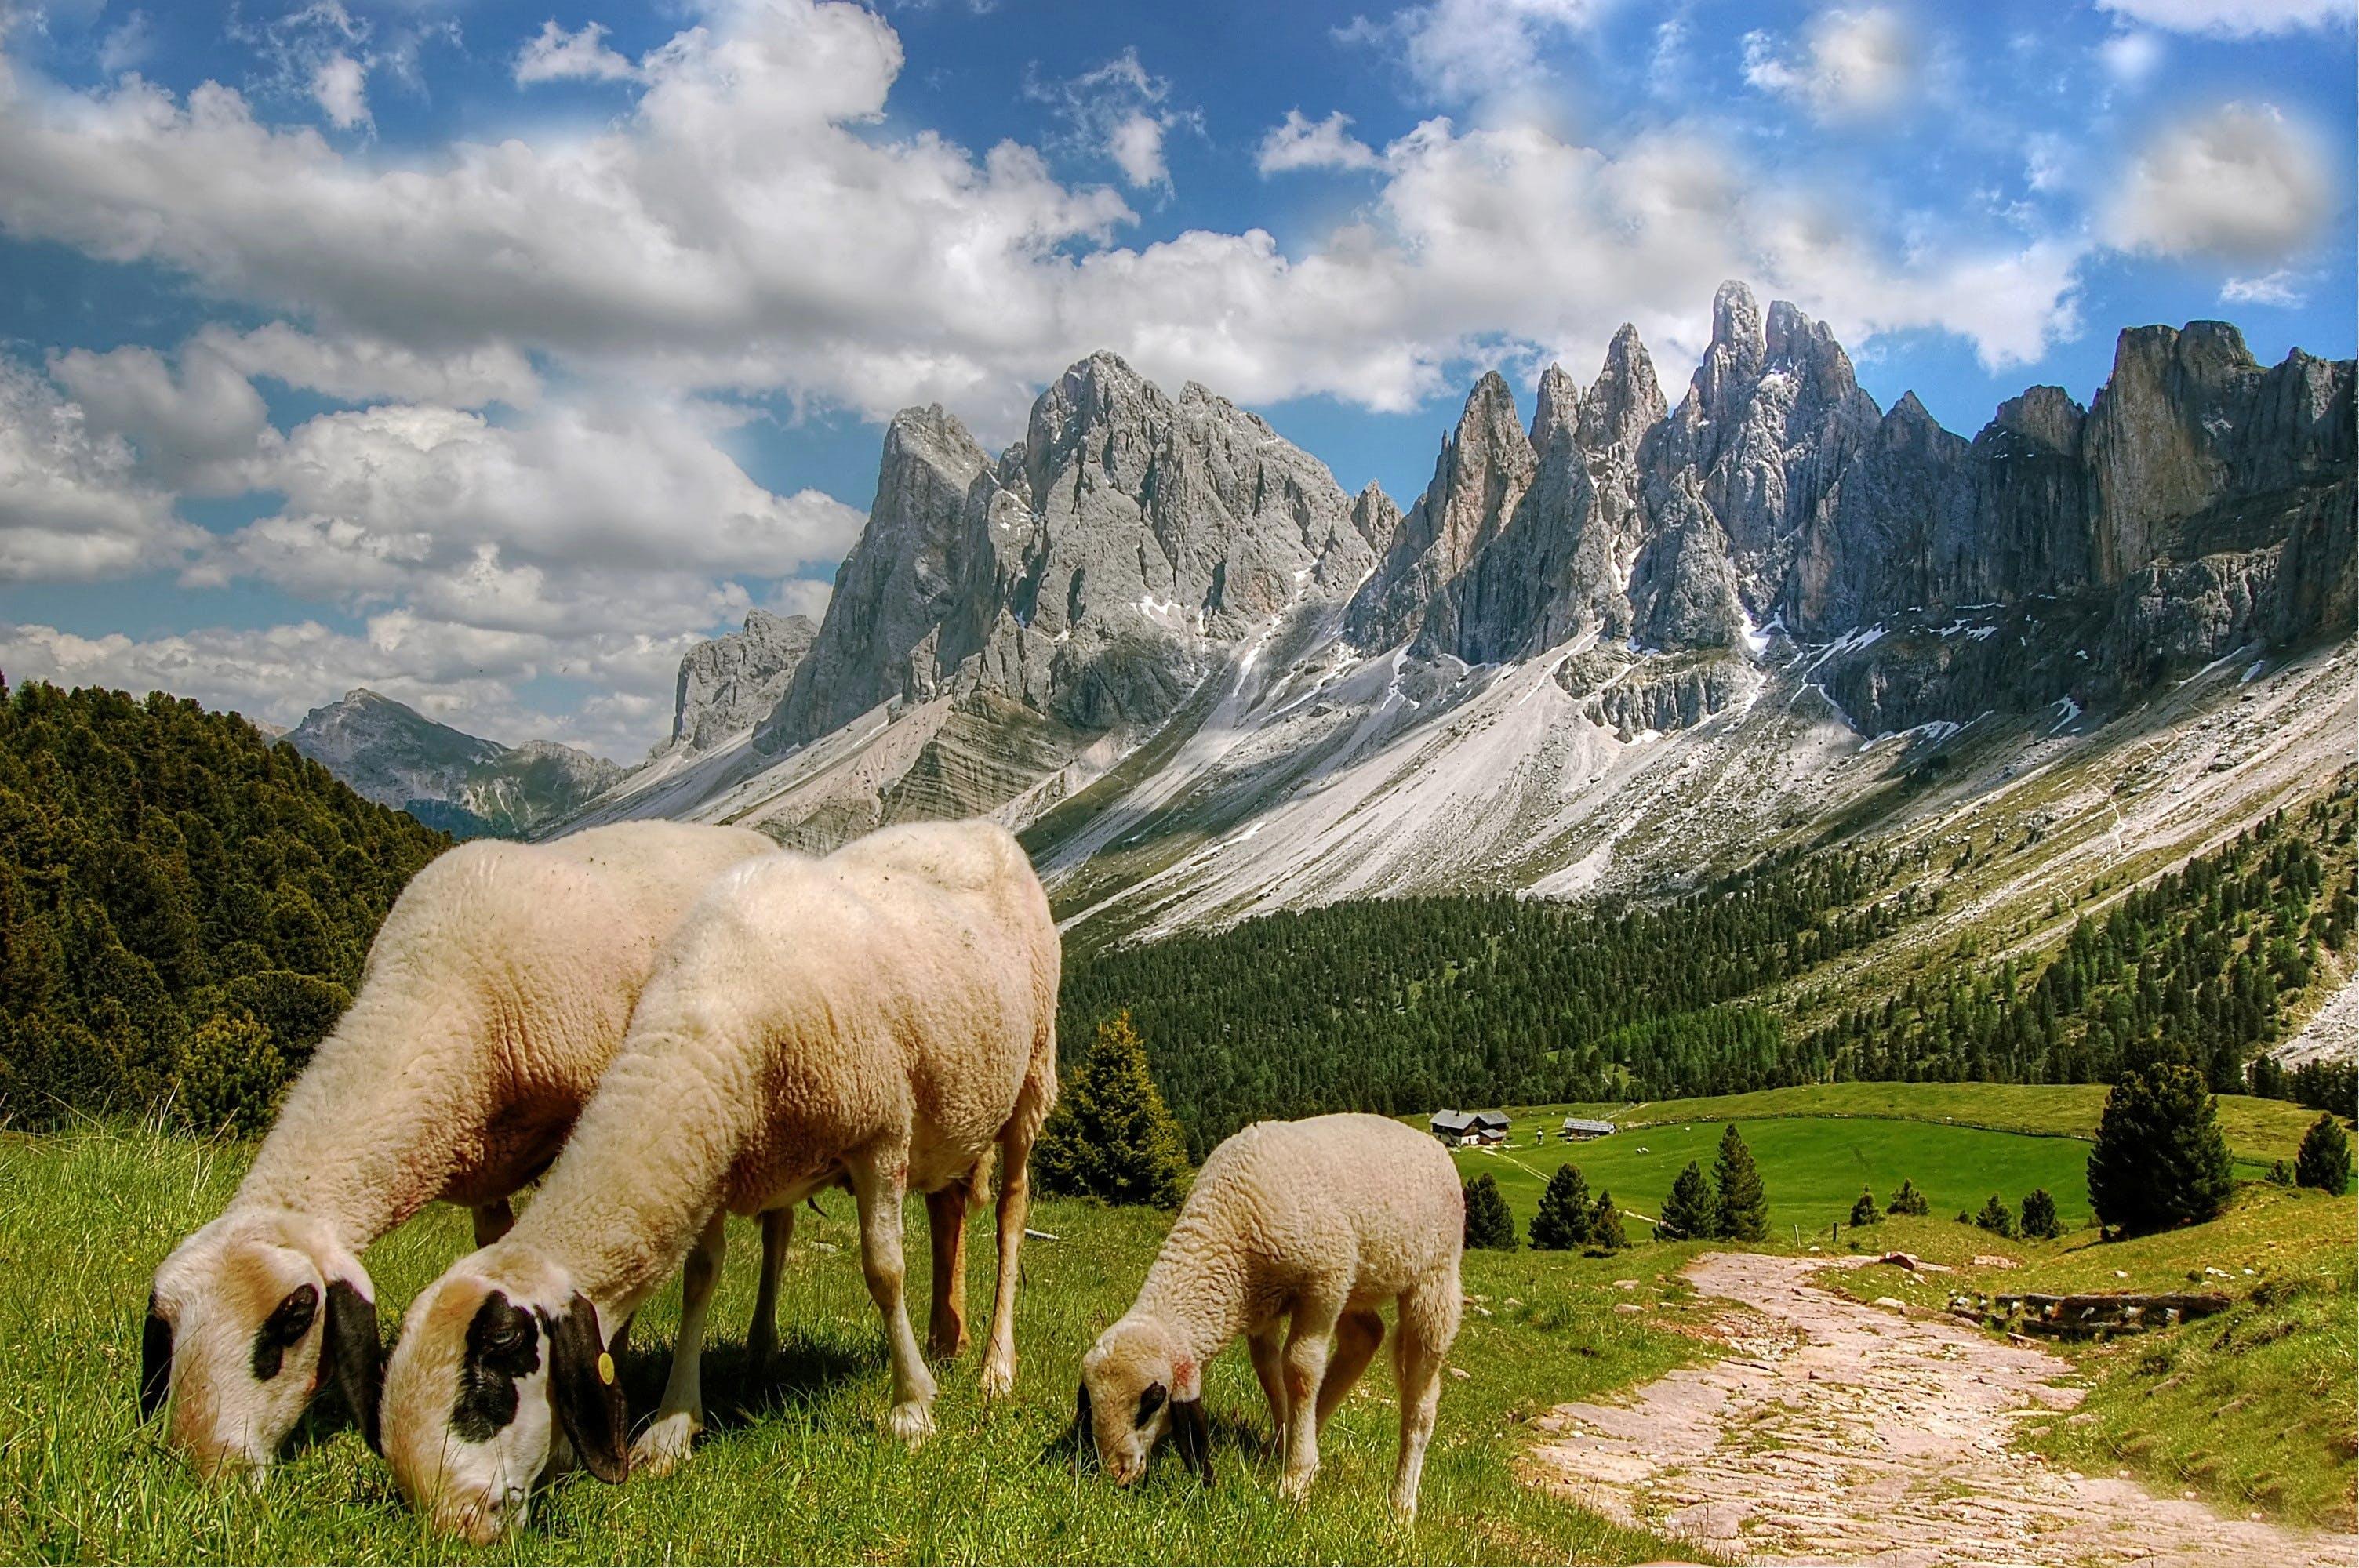 Sheep Eating Grasses